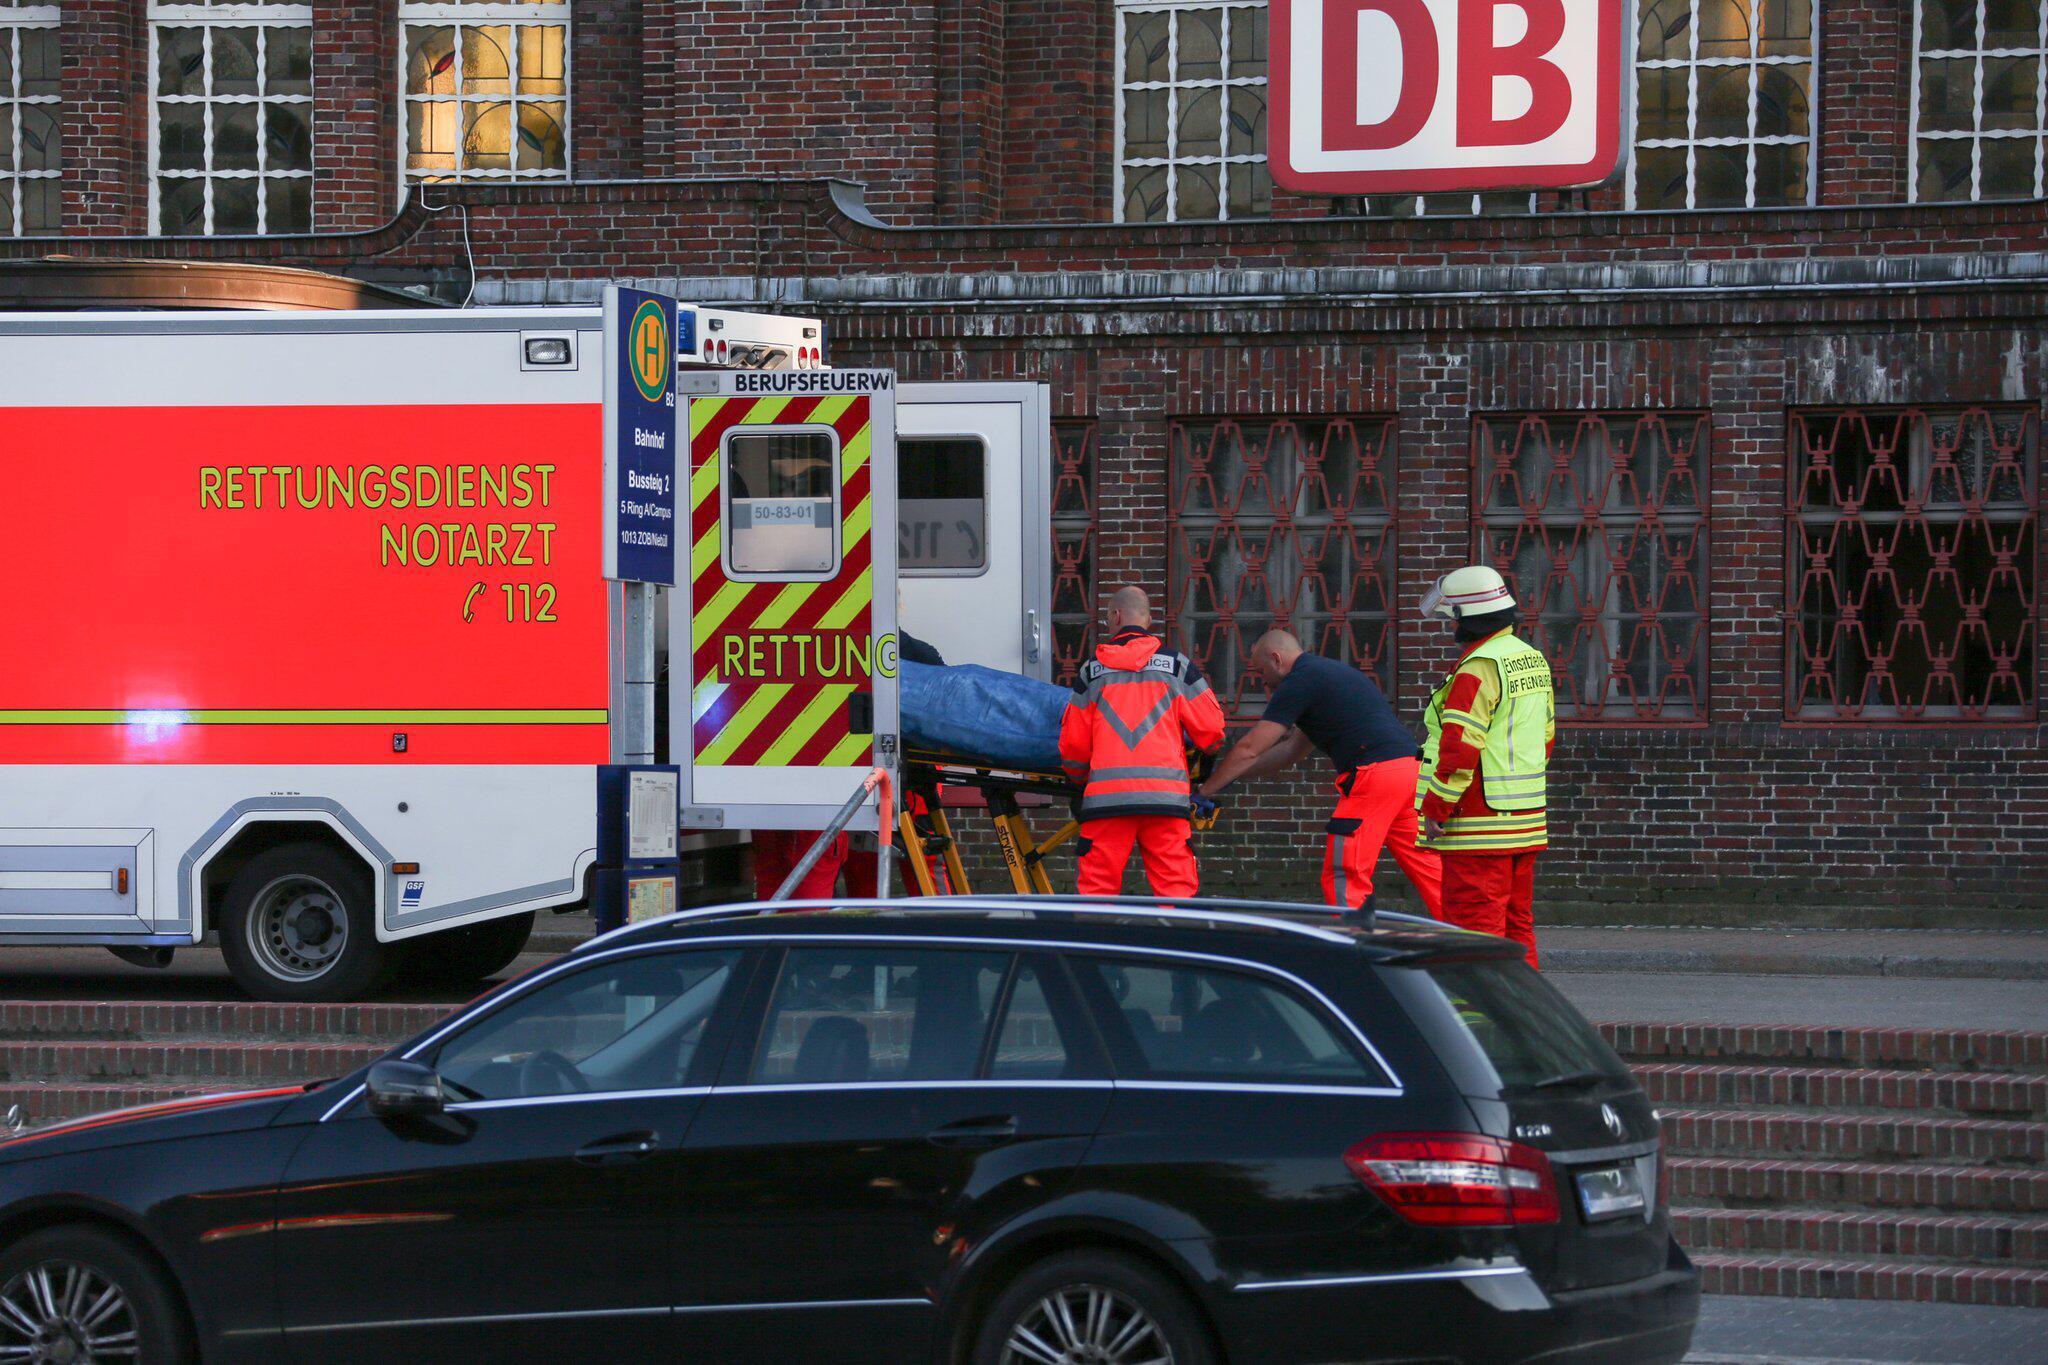 Bild zu Messerangriff in Zug in Flensburg - ein Toter